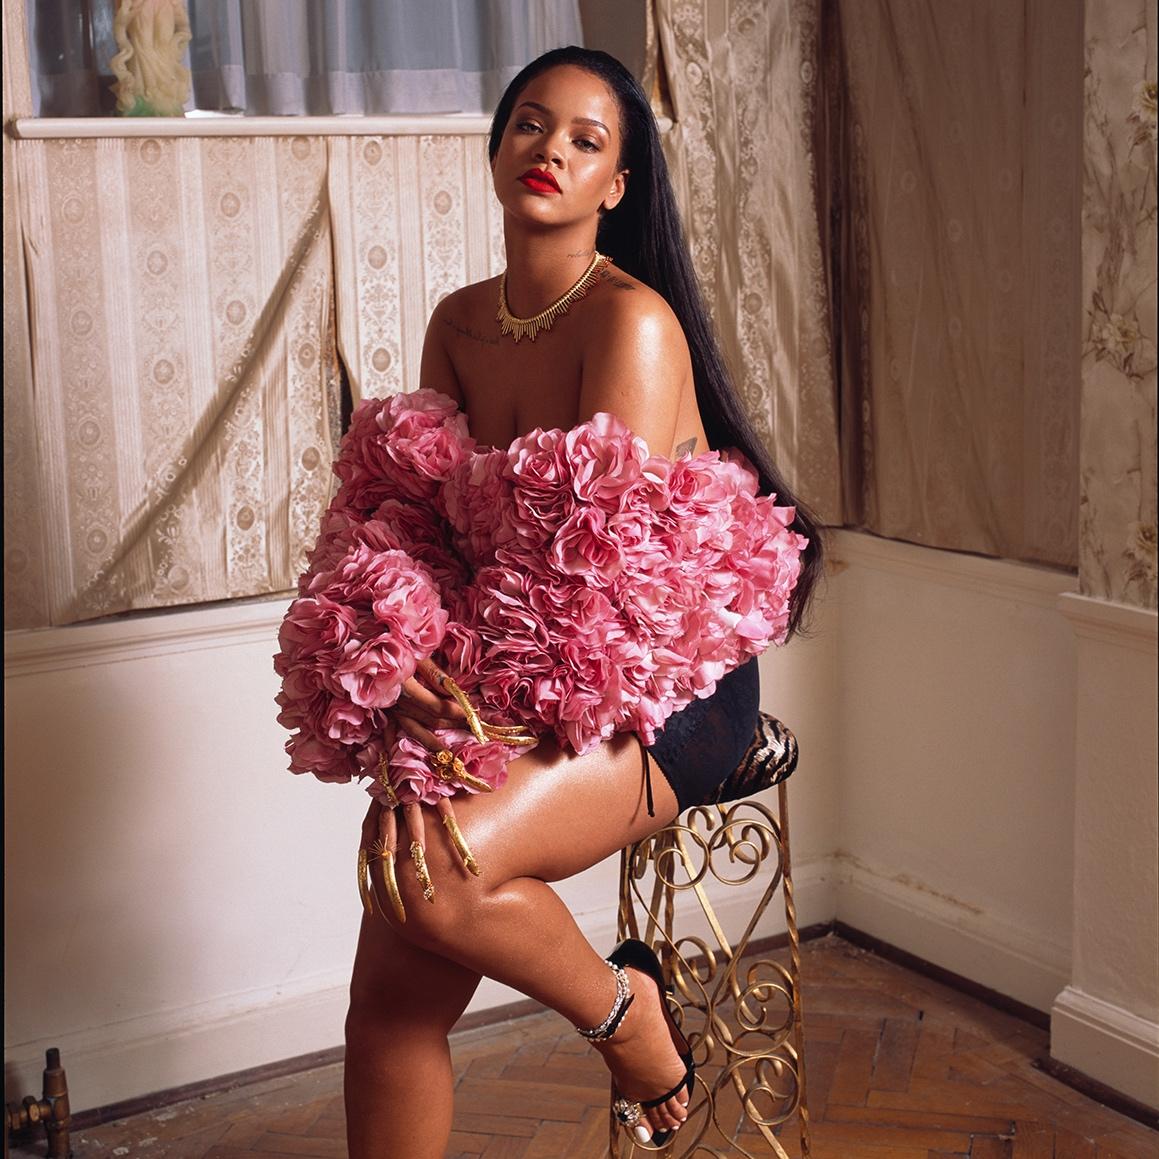 259_01d_Rihanna_1.jpg